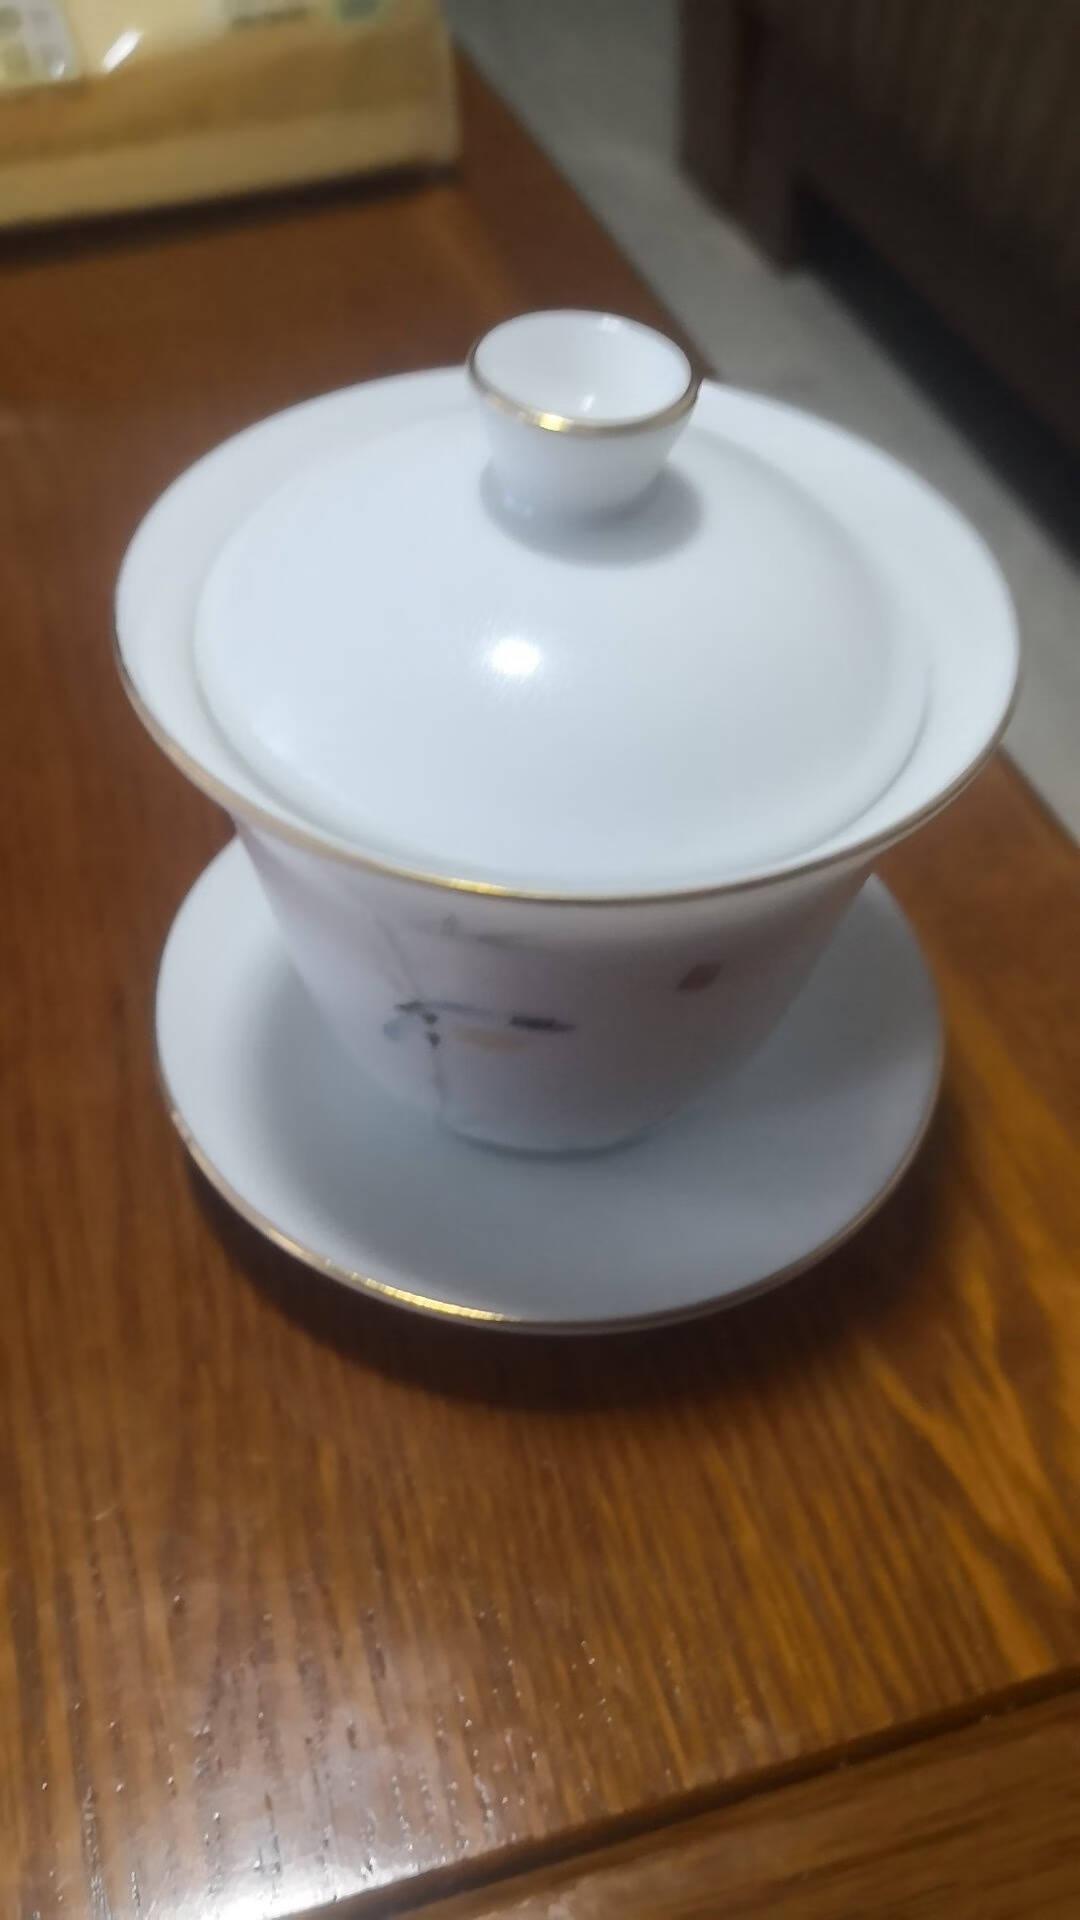 金镶玉功夫茶具茶壶盖碗羊脂玉白瓷大号家用泡茶碗甜白盖碗